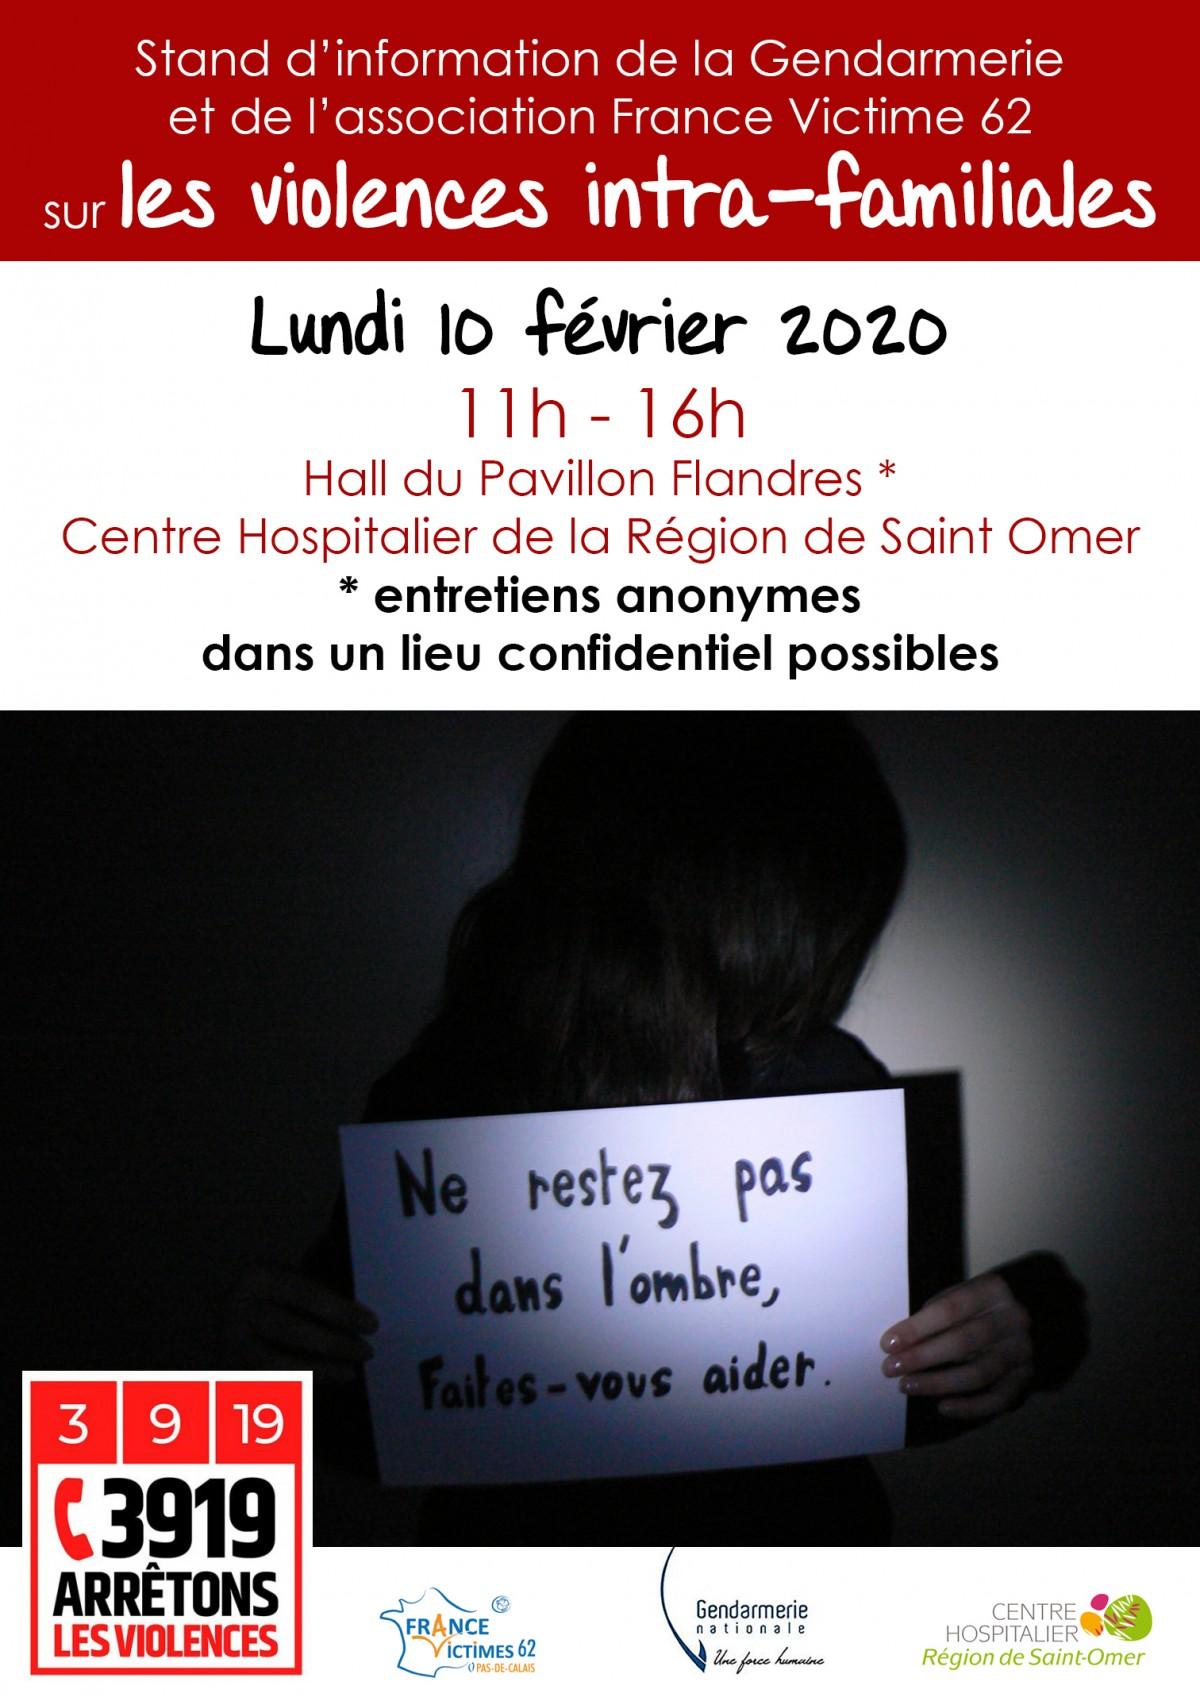 affiche violences intra-familiales (002)